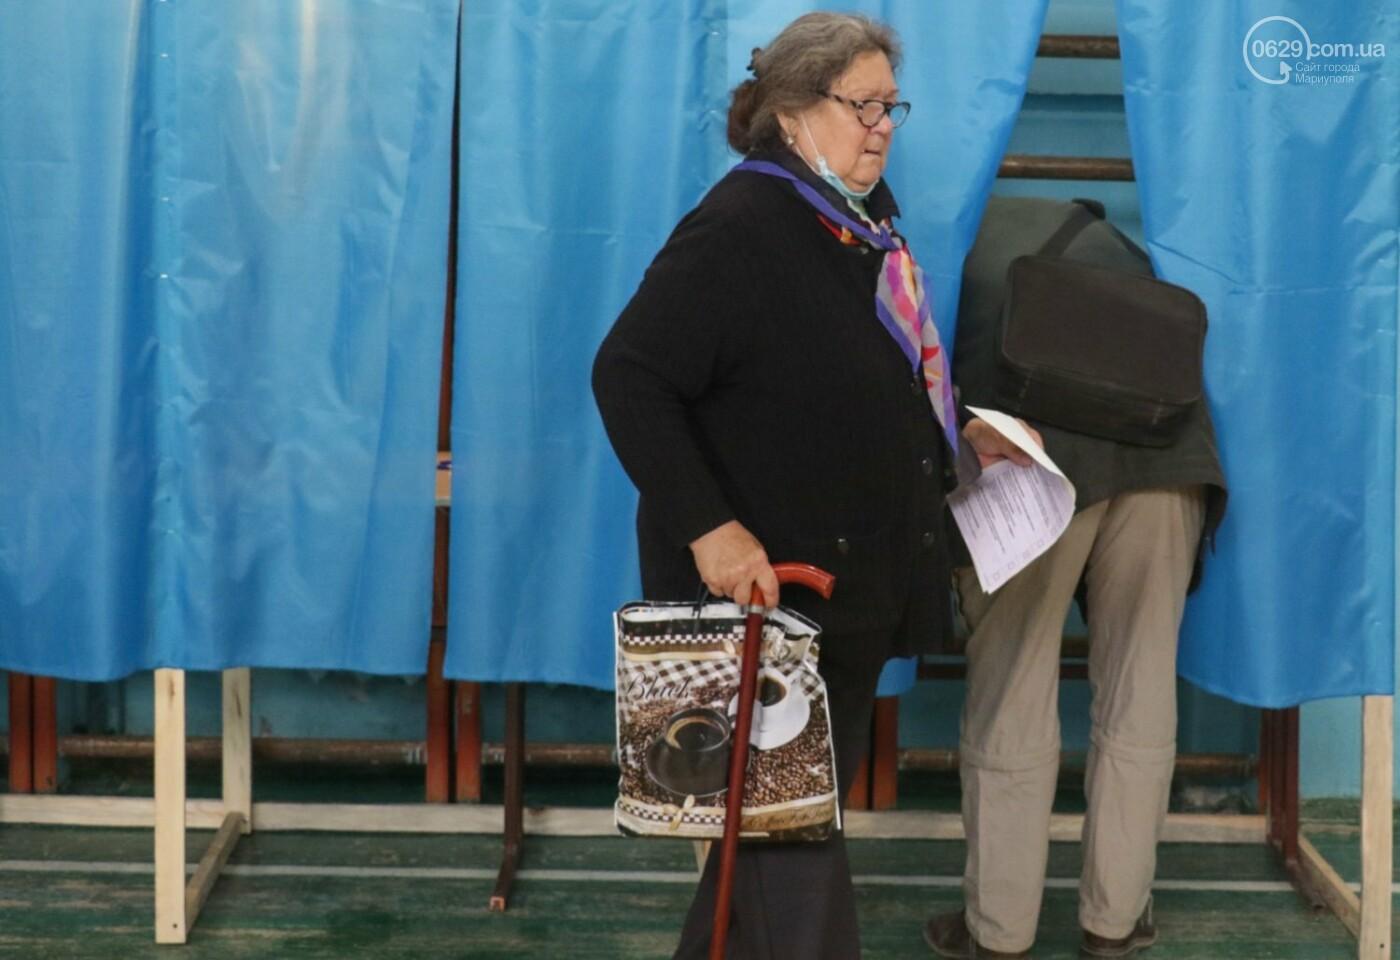 Как проходят выборы в Мариуполе – в 32-х фотографиях, - ФОТОРЕПОРТАЖ, фото-22